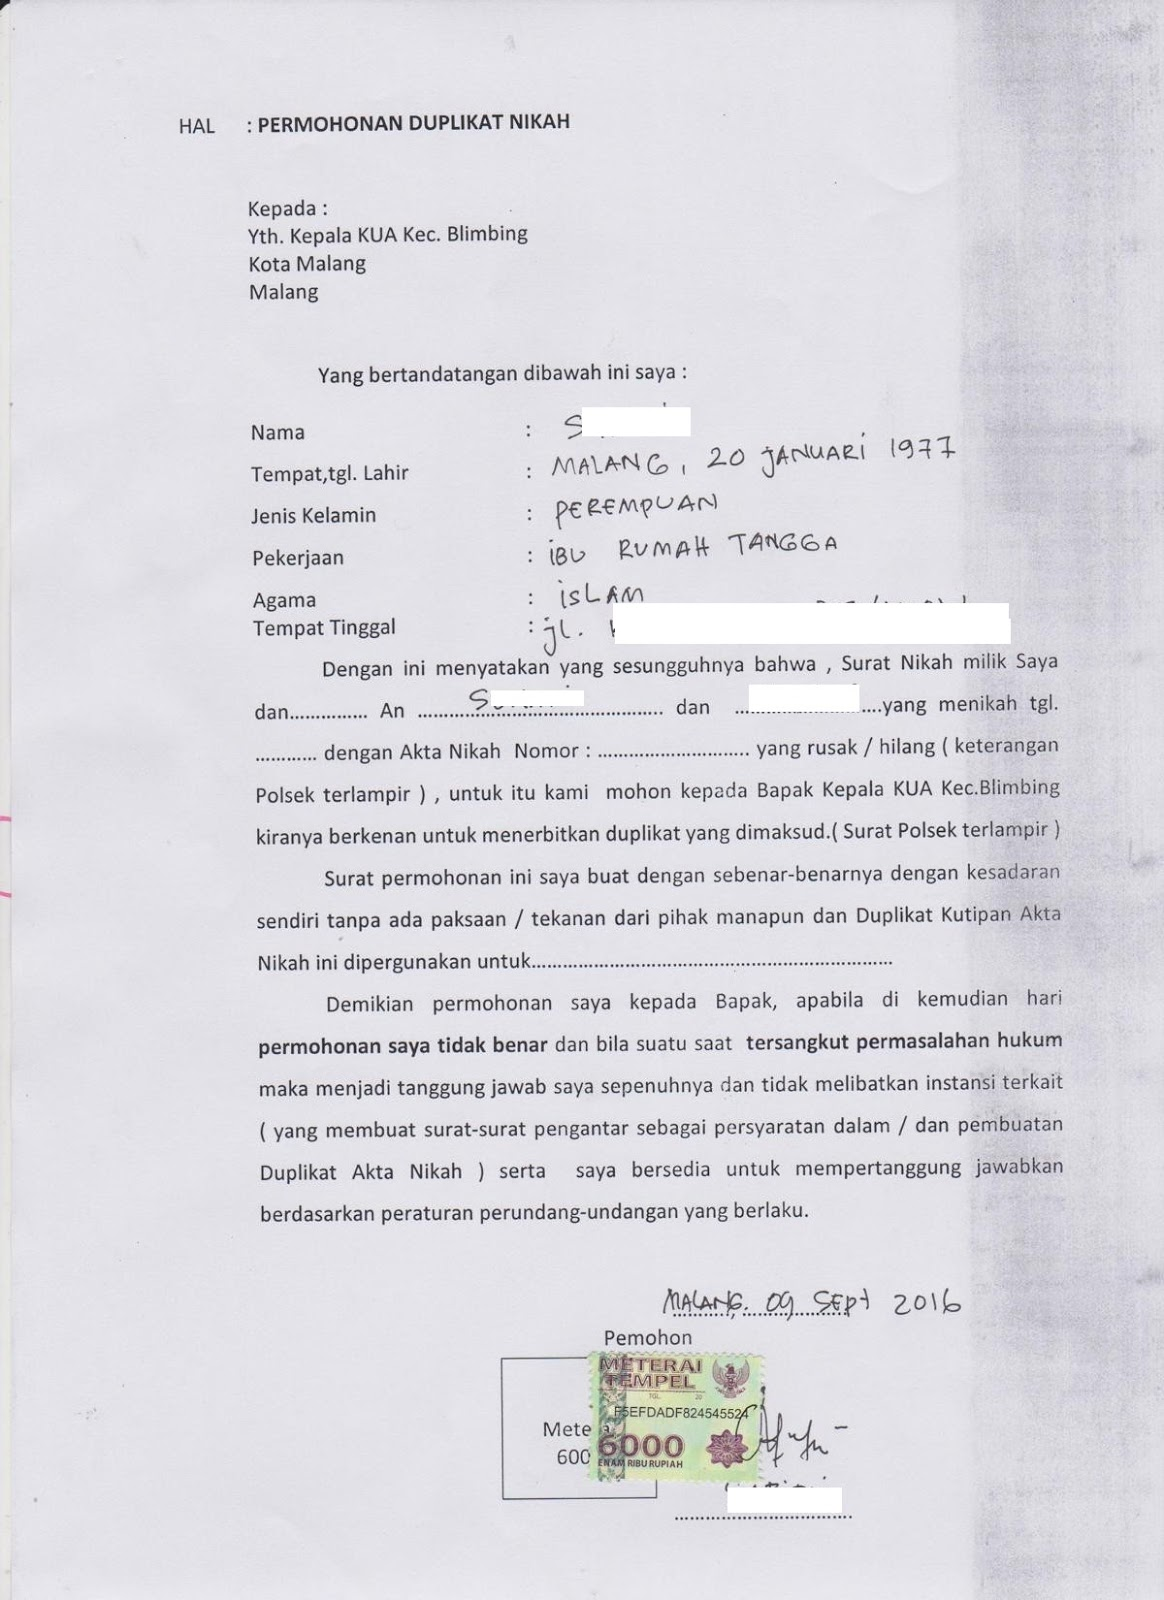 Contoh Surat Pernyataan Permohonan Duplikat Akta Nikah Kua